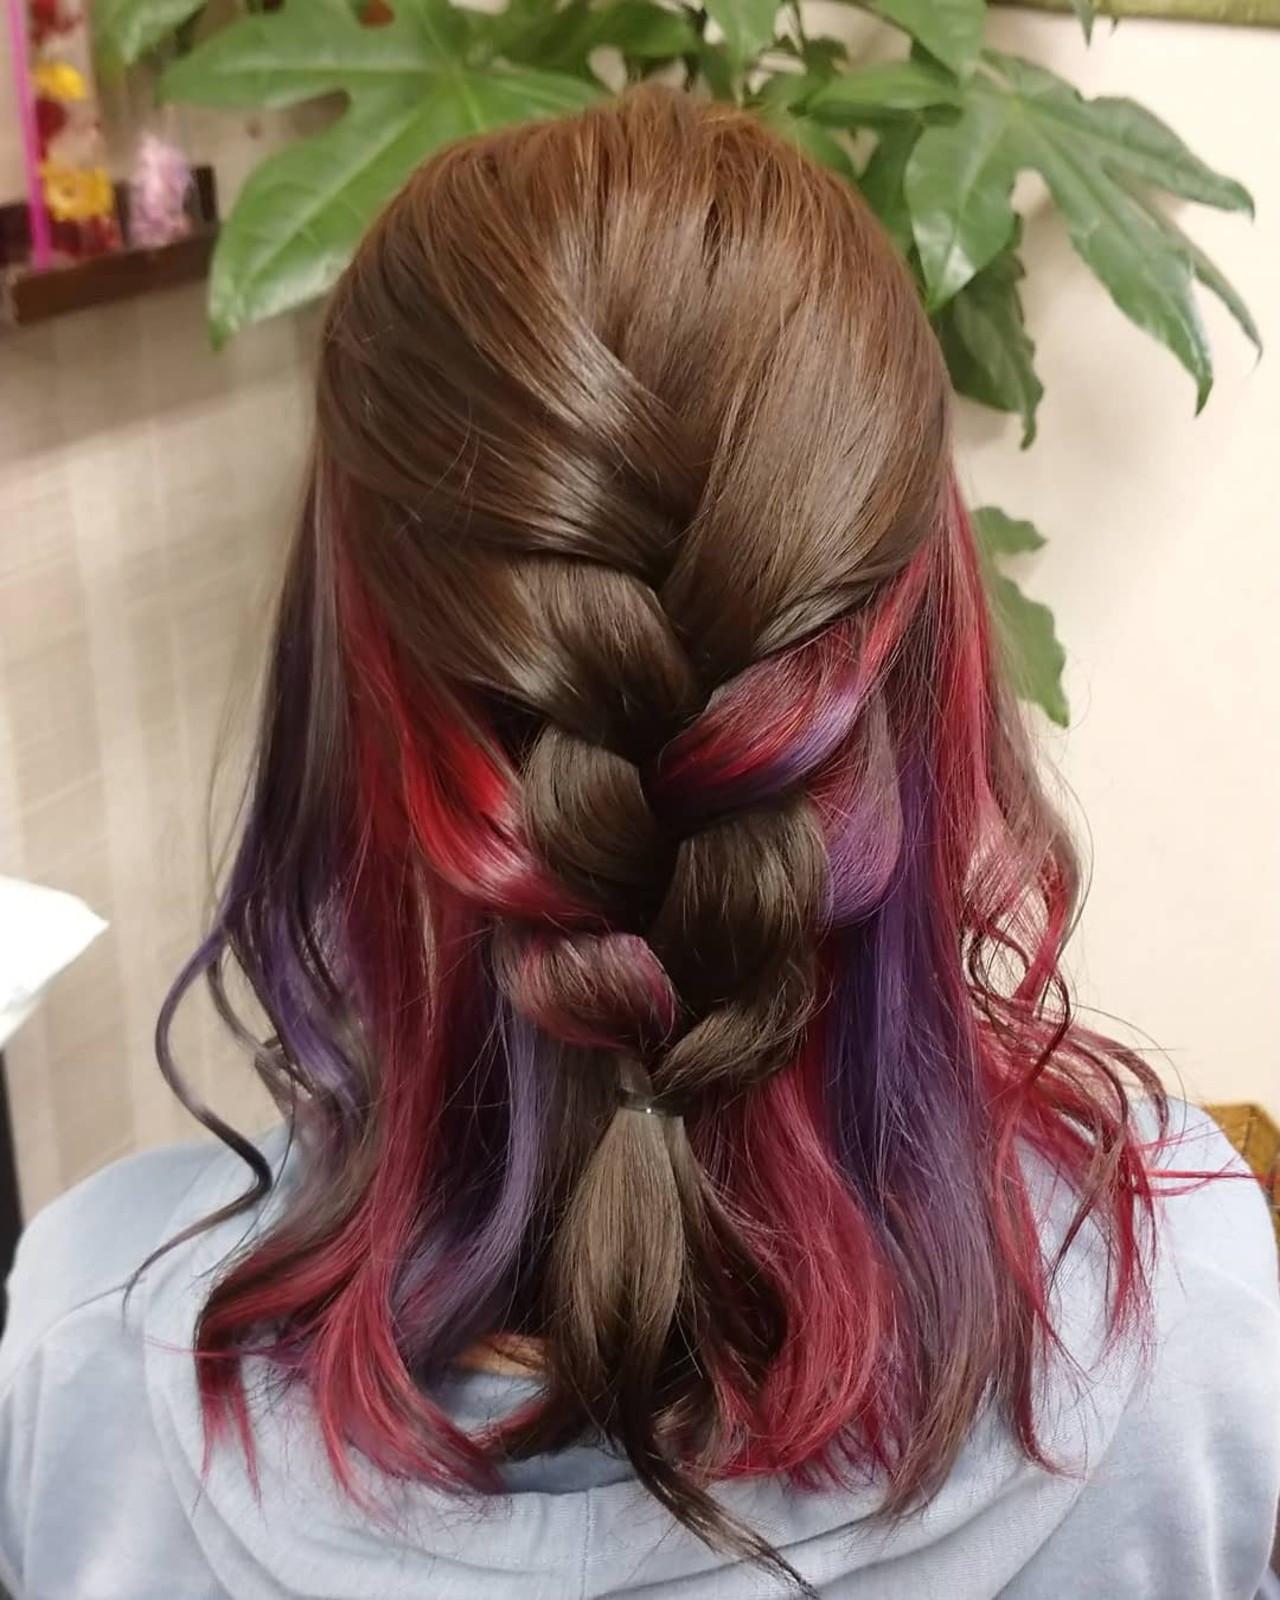 インナーカラーレッド ミディアム ガーリー #インナーカラー ヘアスタイルや髪型の写真・画像